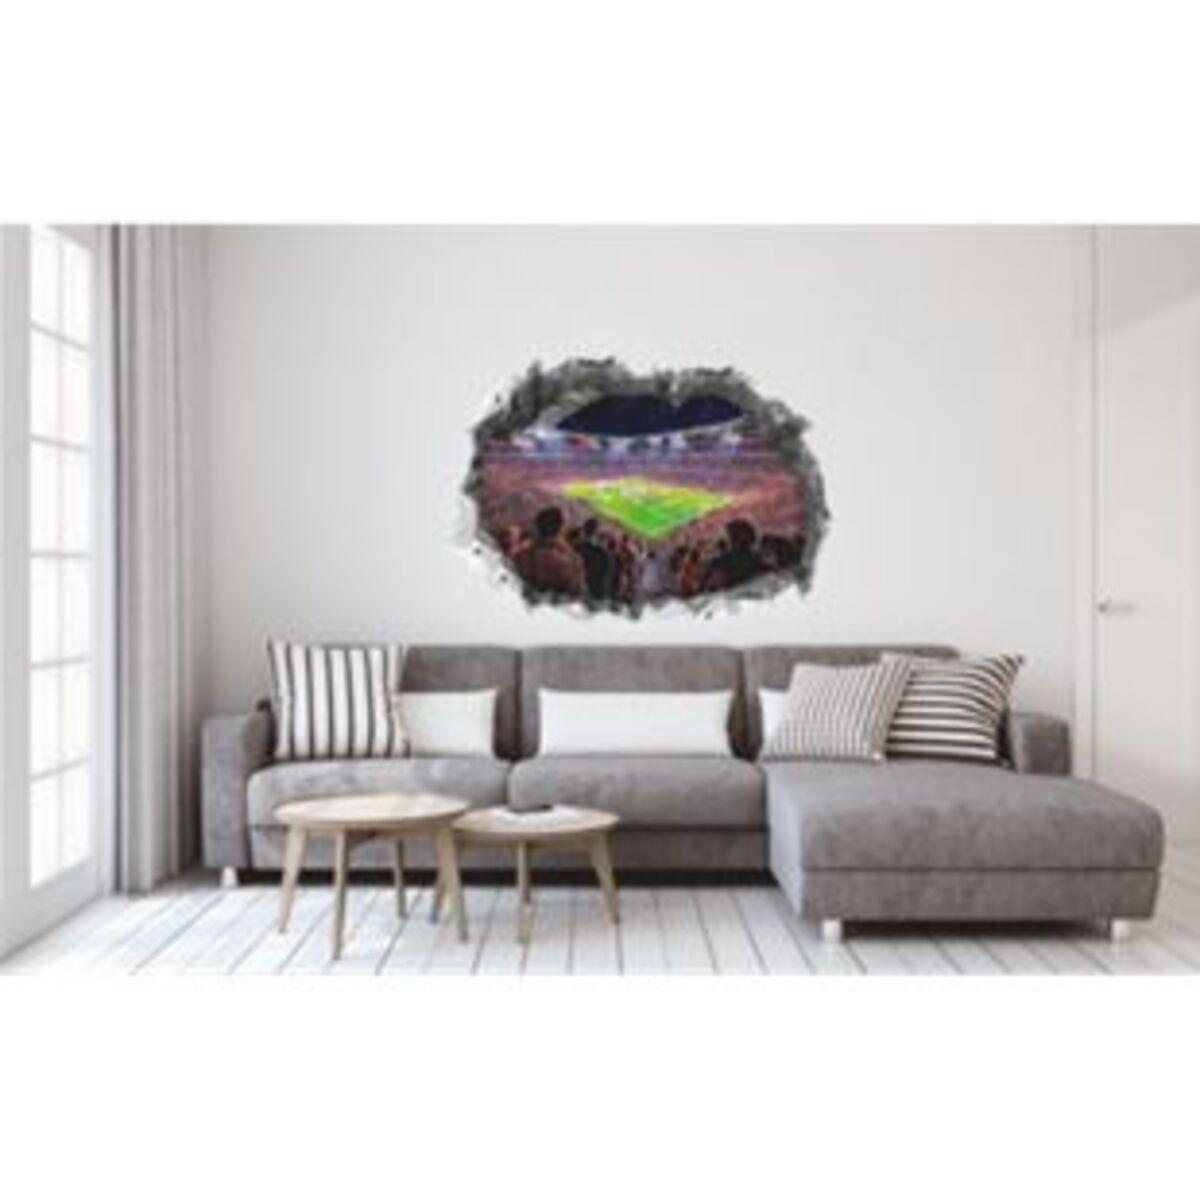 Bild 2 von FCB Wandtattoo 3D nachleuchtend Allianz Arena mehrfarbig